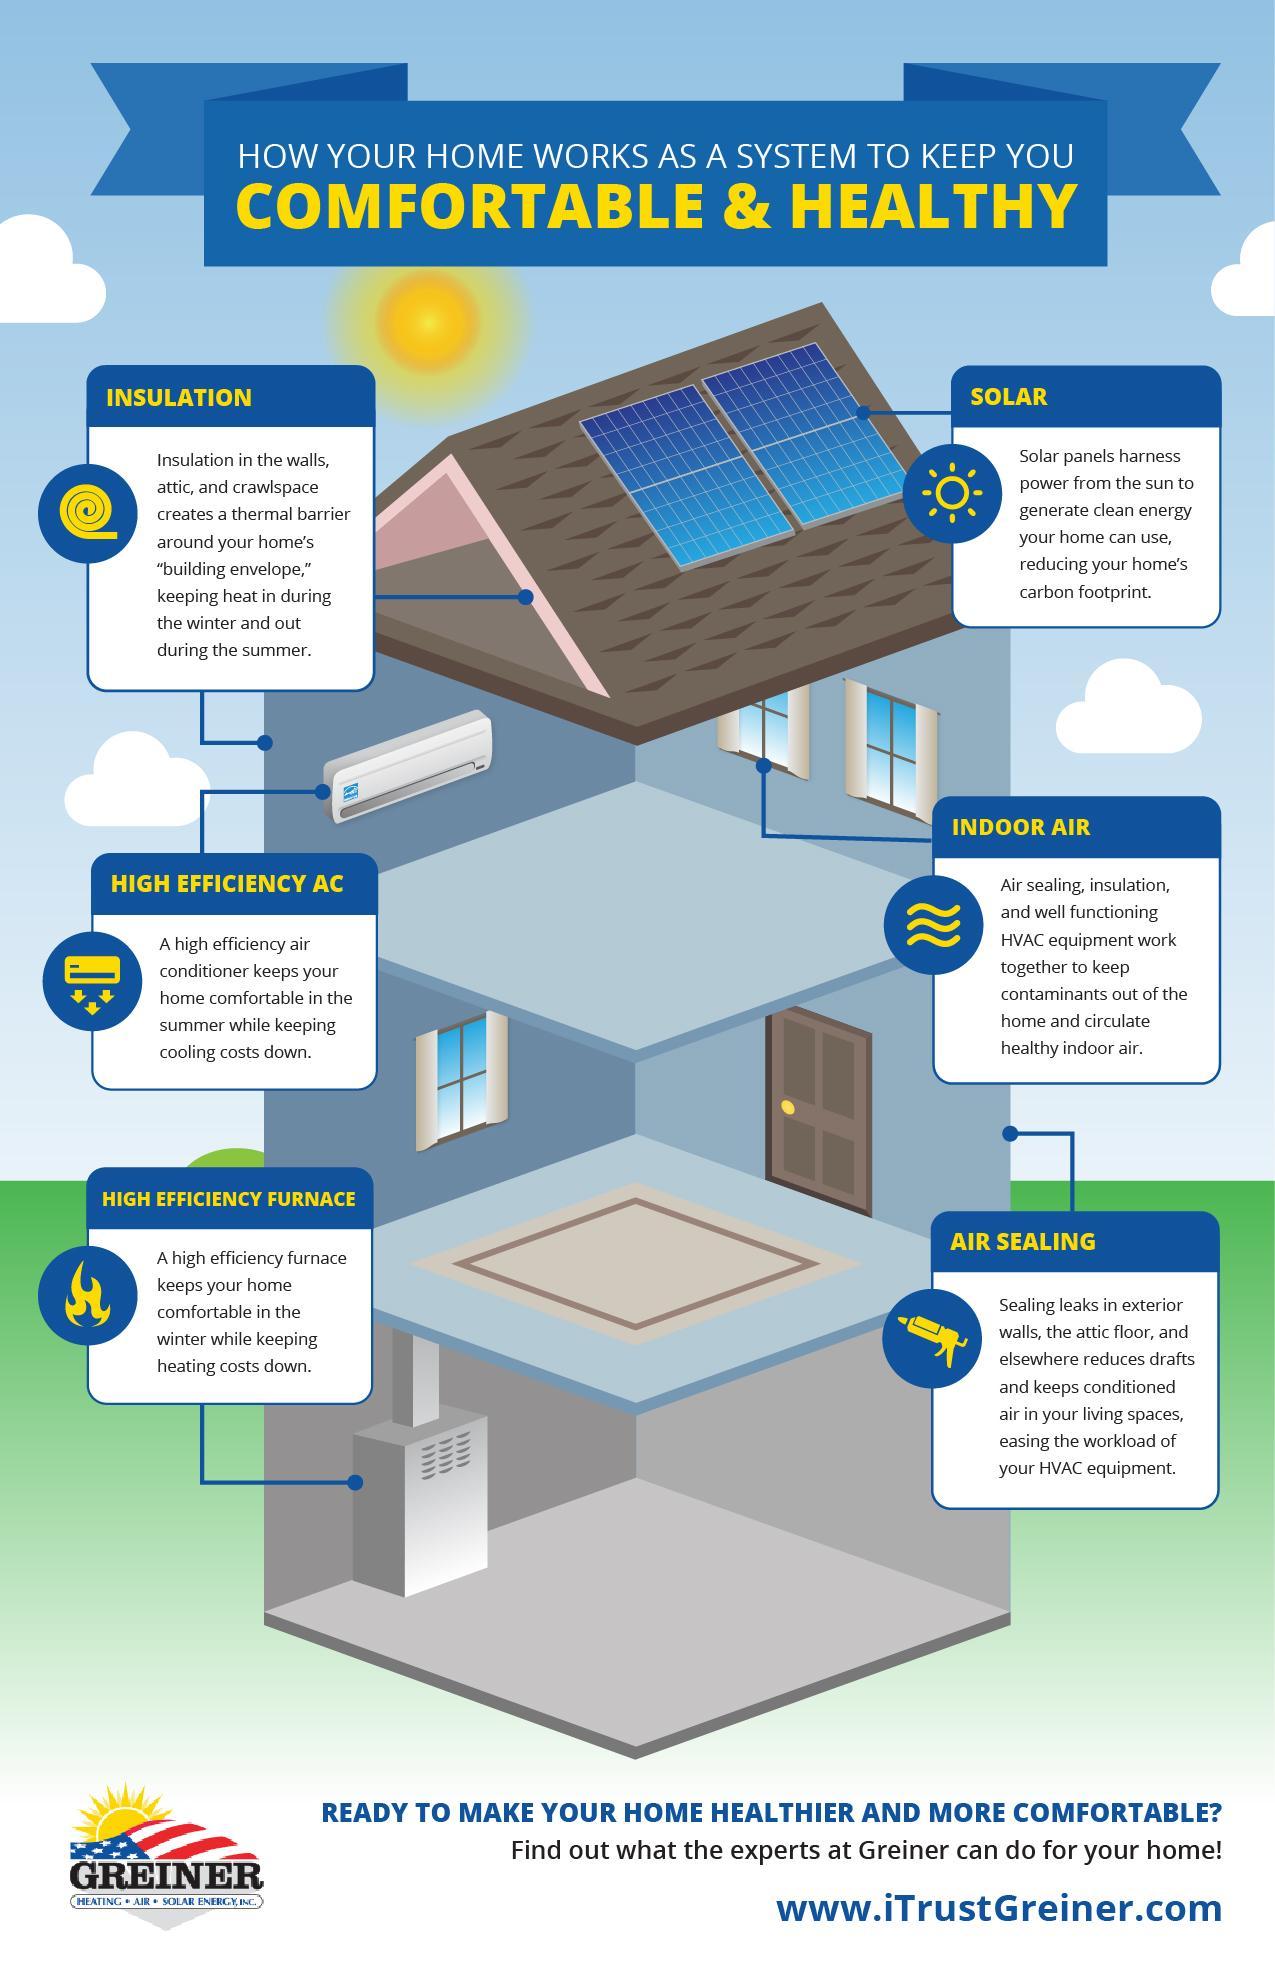 medium resolution of air sealing insulation furnace ac hvac iaq solar ghac